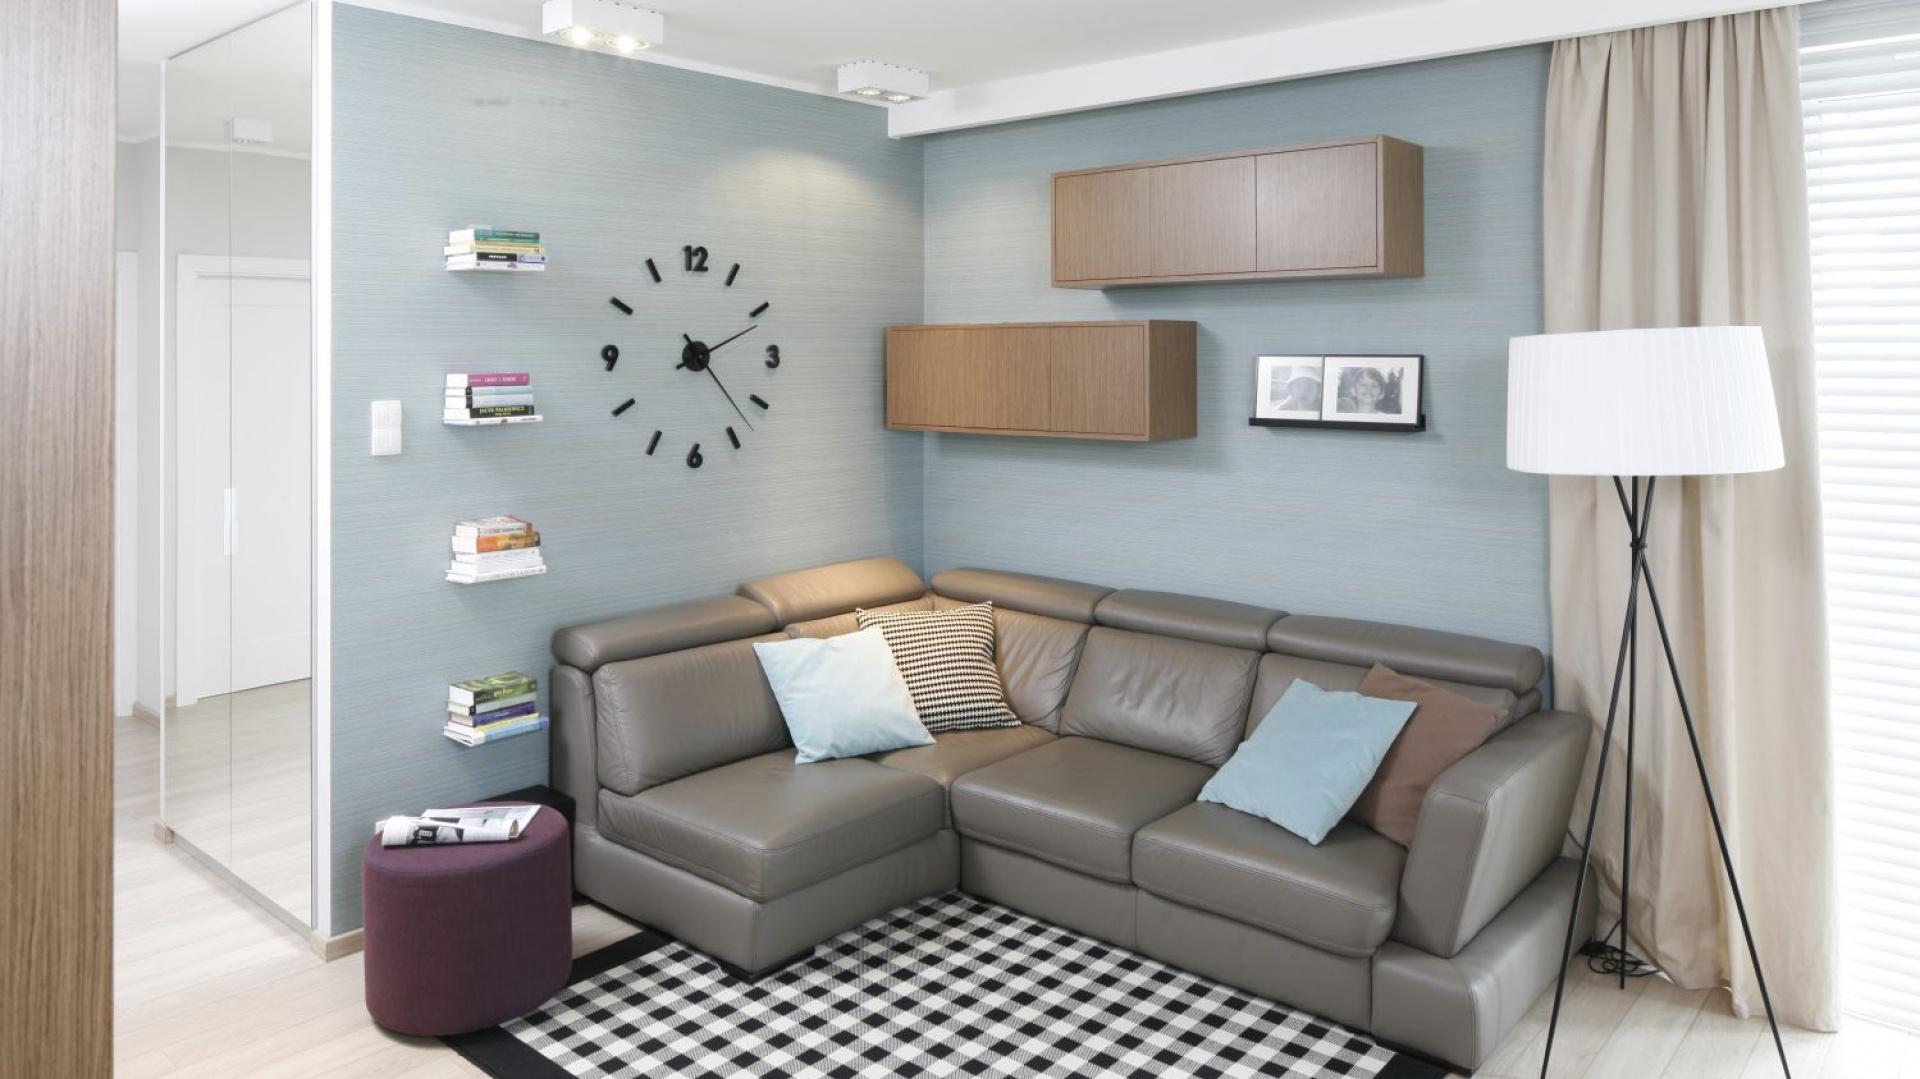 W niedużym wnętrzu pomalowana na niebiesko ściana wyznacza strefę wypoczynku. Projekt: Joanna Morkowska-Saj. Fot. Bartosz Jarosz.